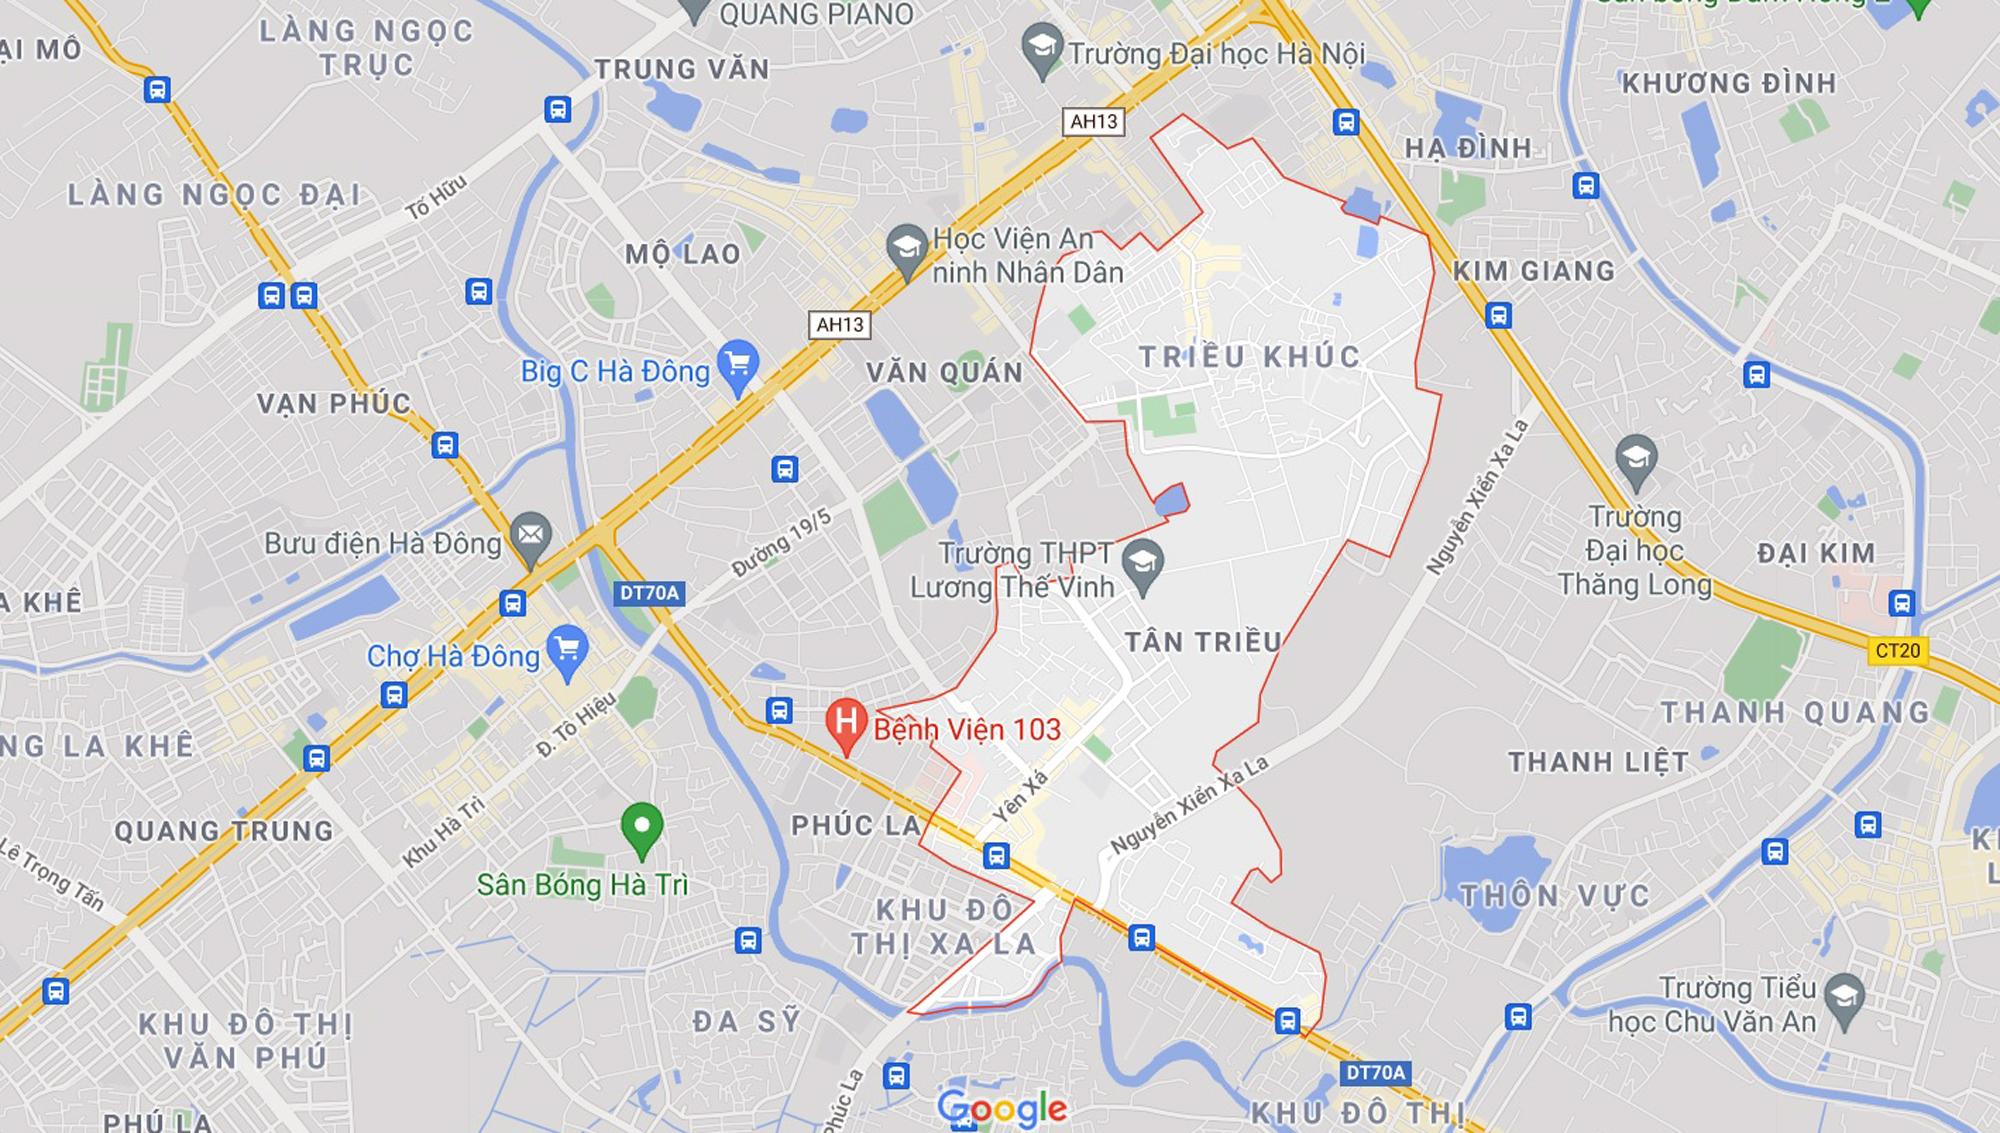 Những khu đất sắp thu hồi để mở đường ở xã Tân Triều, Thanh Trì Hà Nội (phần 1) - Ảnh 1.